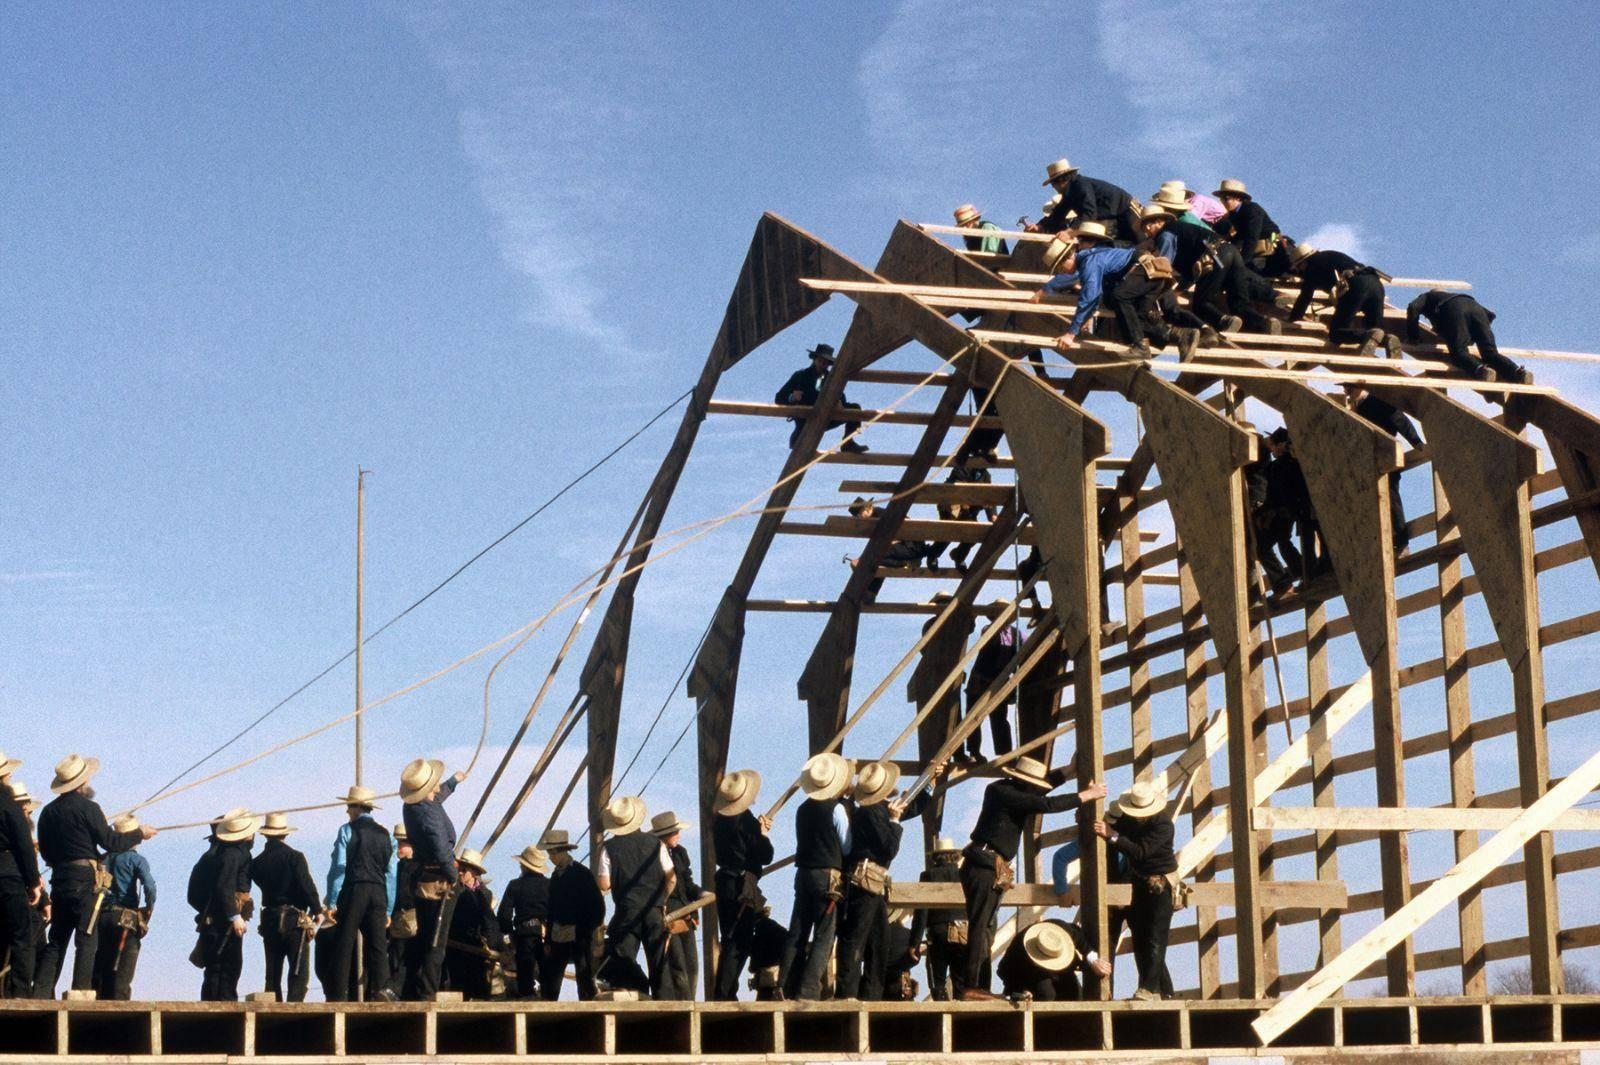 Costruzione di una fattoria da parte di un gruppo di amish negli Stati Uniti (DiscoverLancaster.com / Terry Ross).